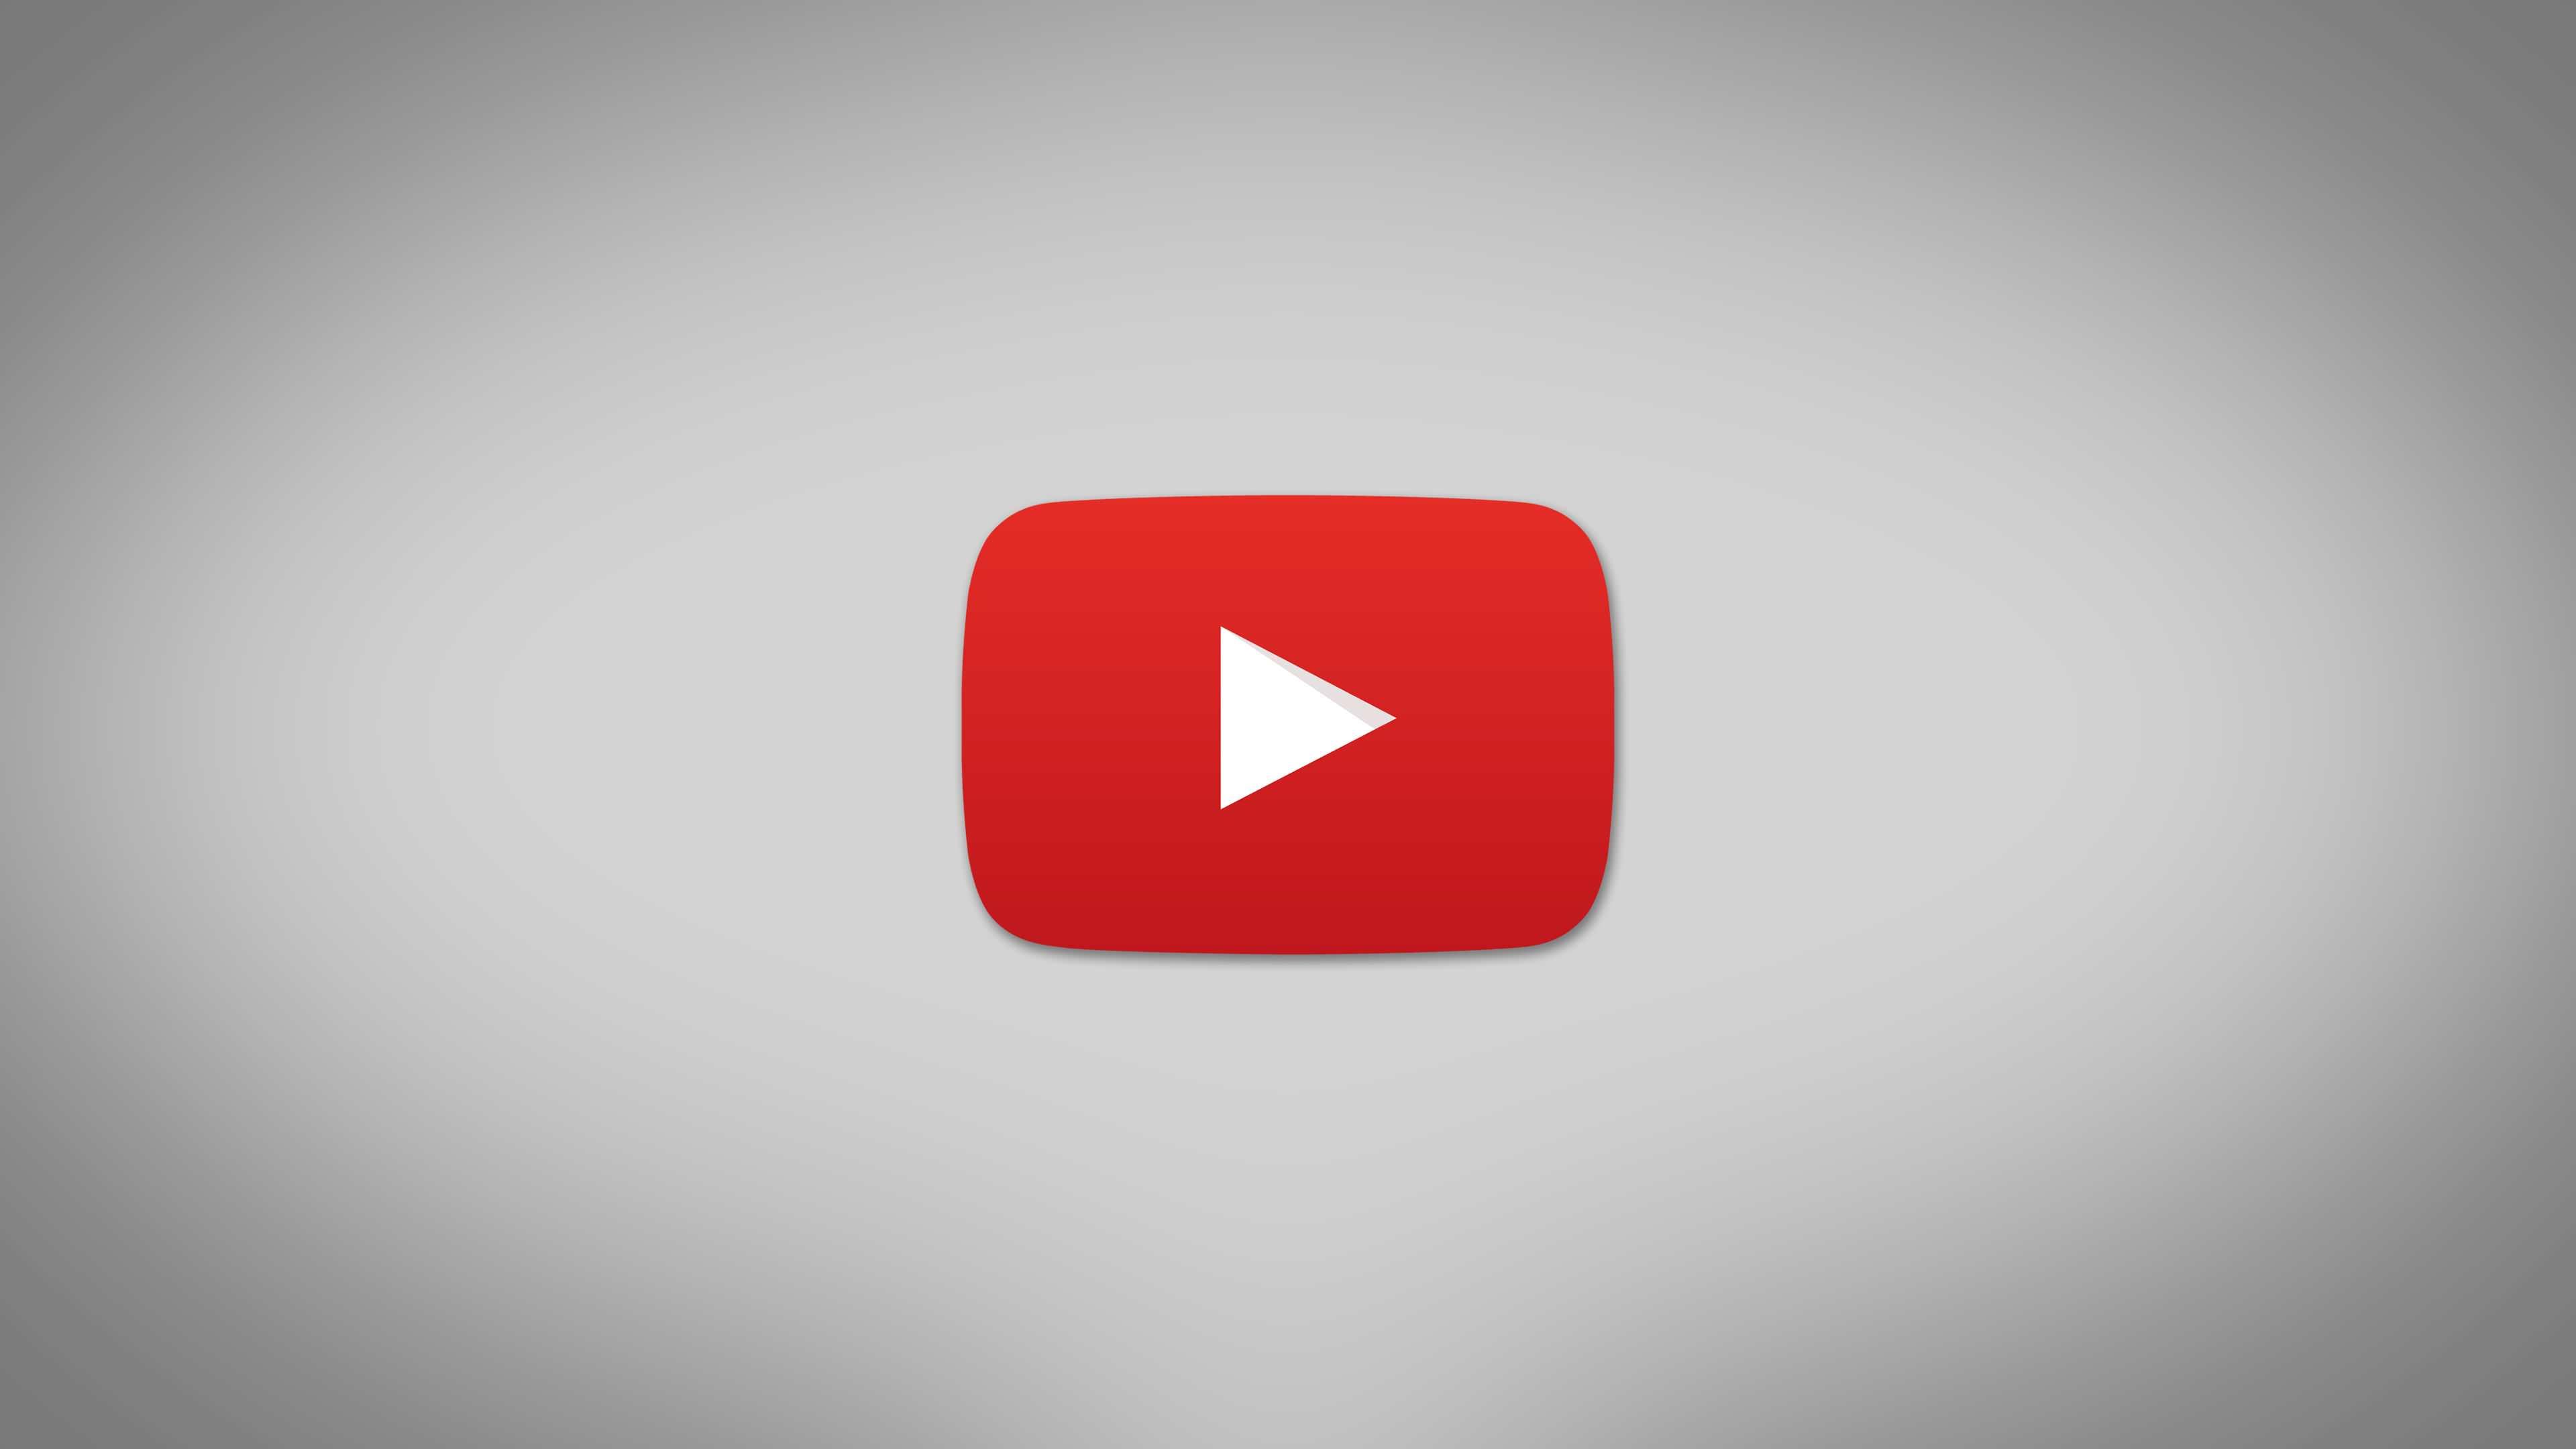 Youtube logo 4k wallpaper